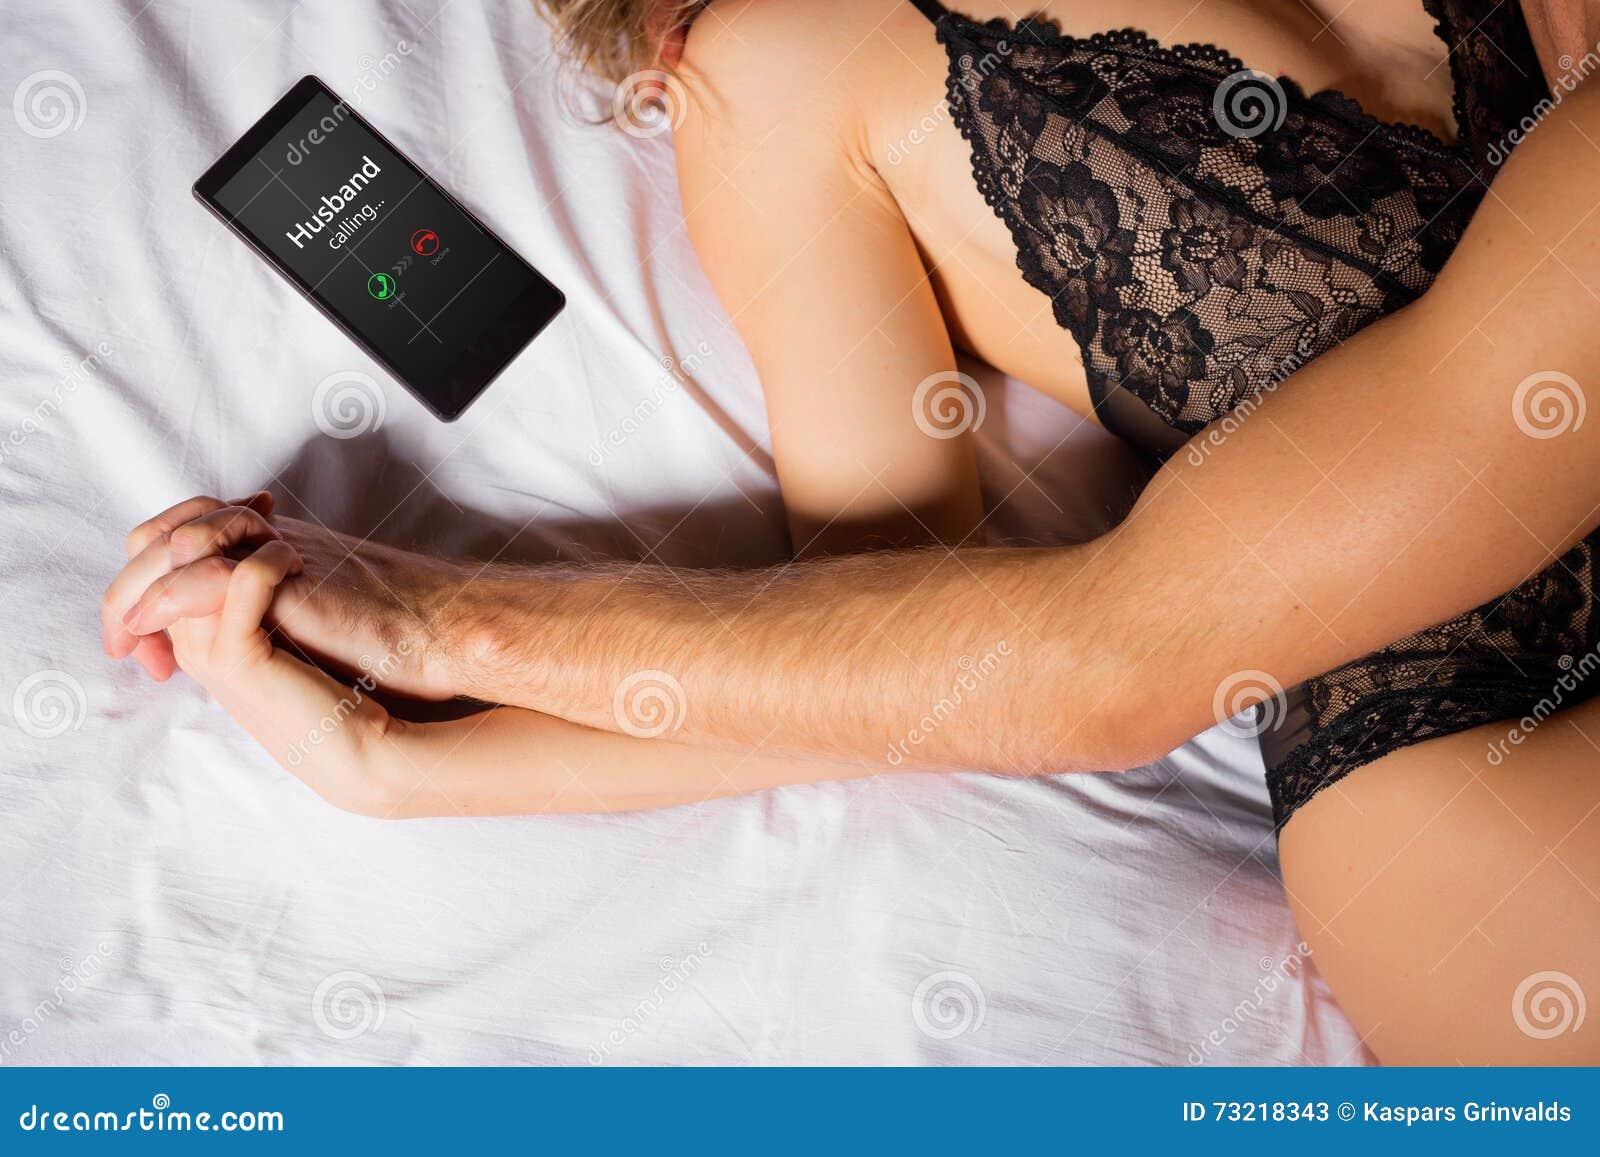 Frau, die auf ihrem Ehemann betrügt